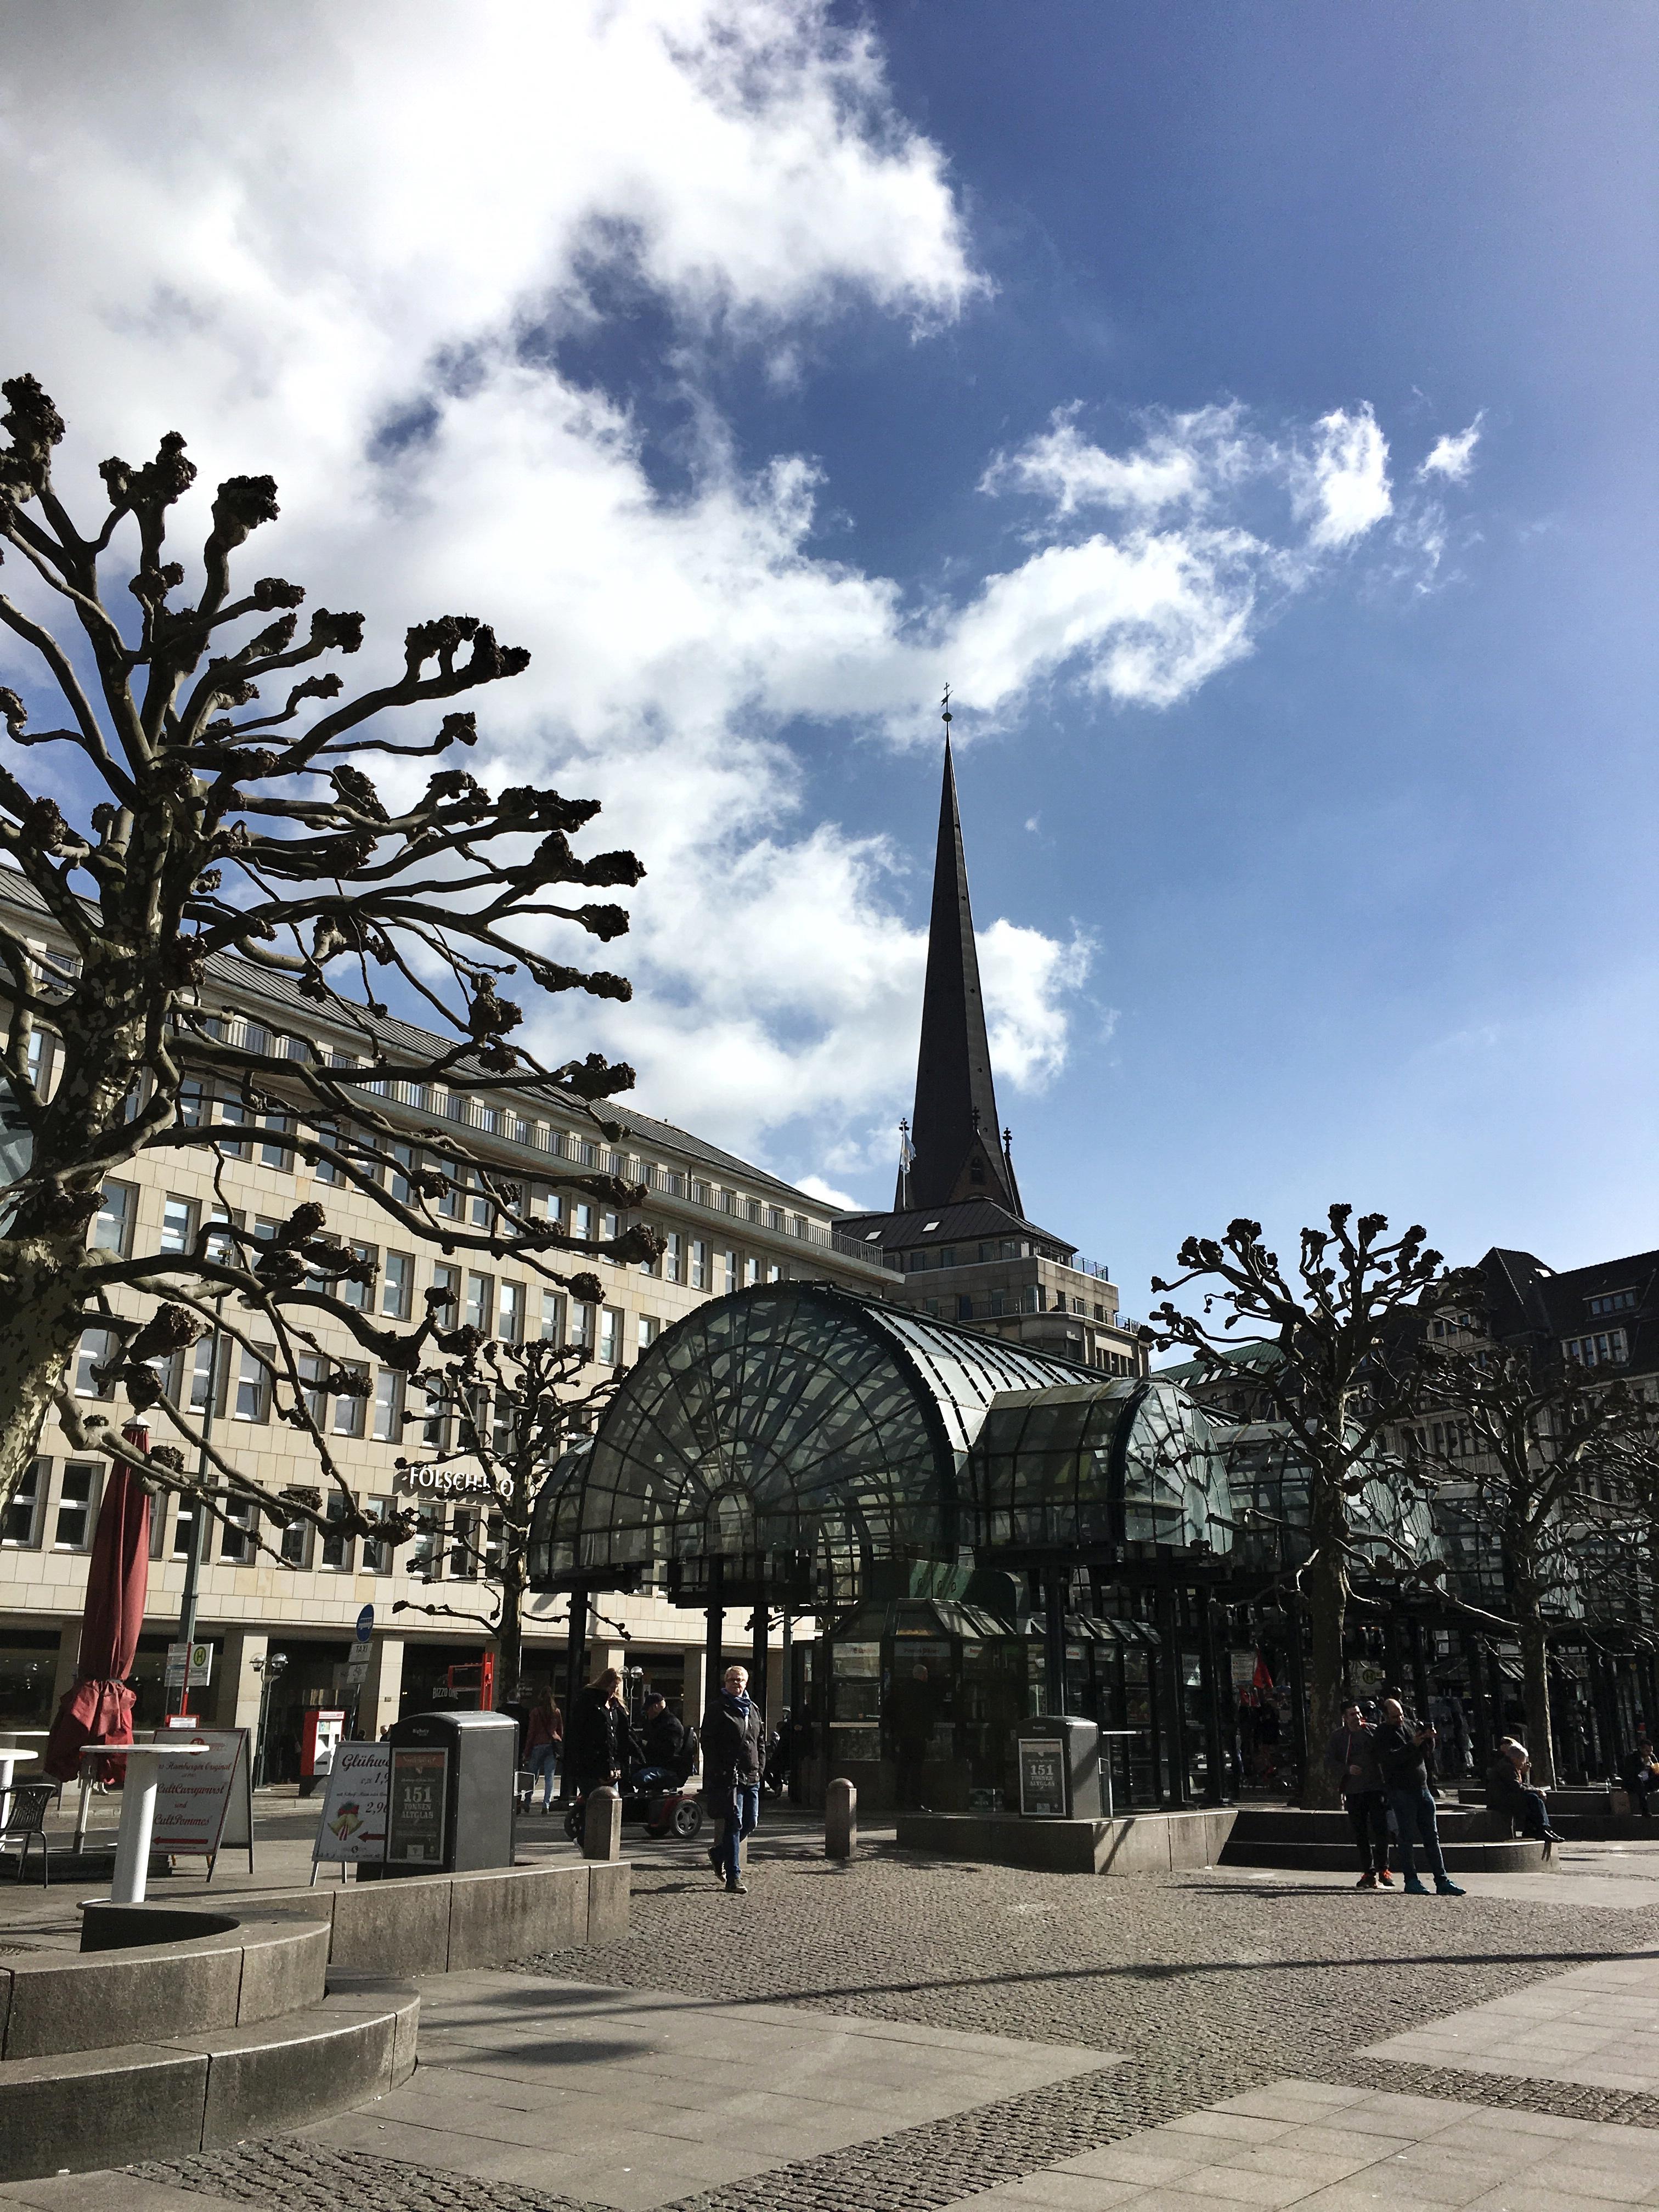 La piazza del municipio di Amburgo